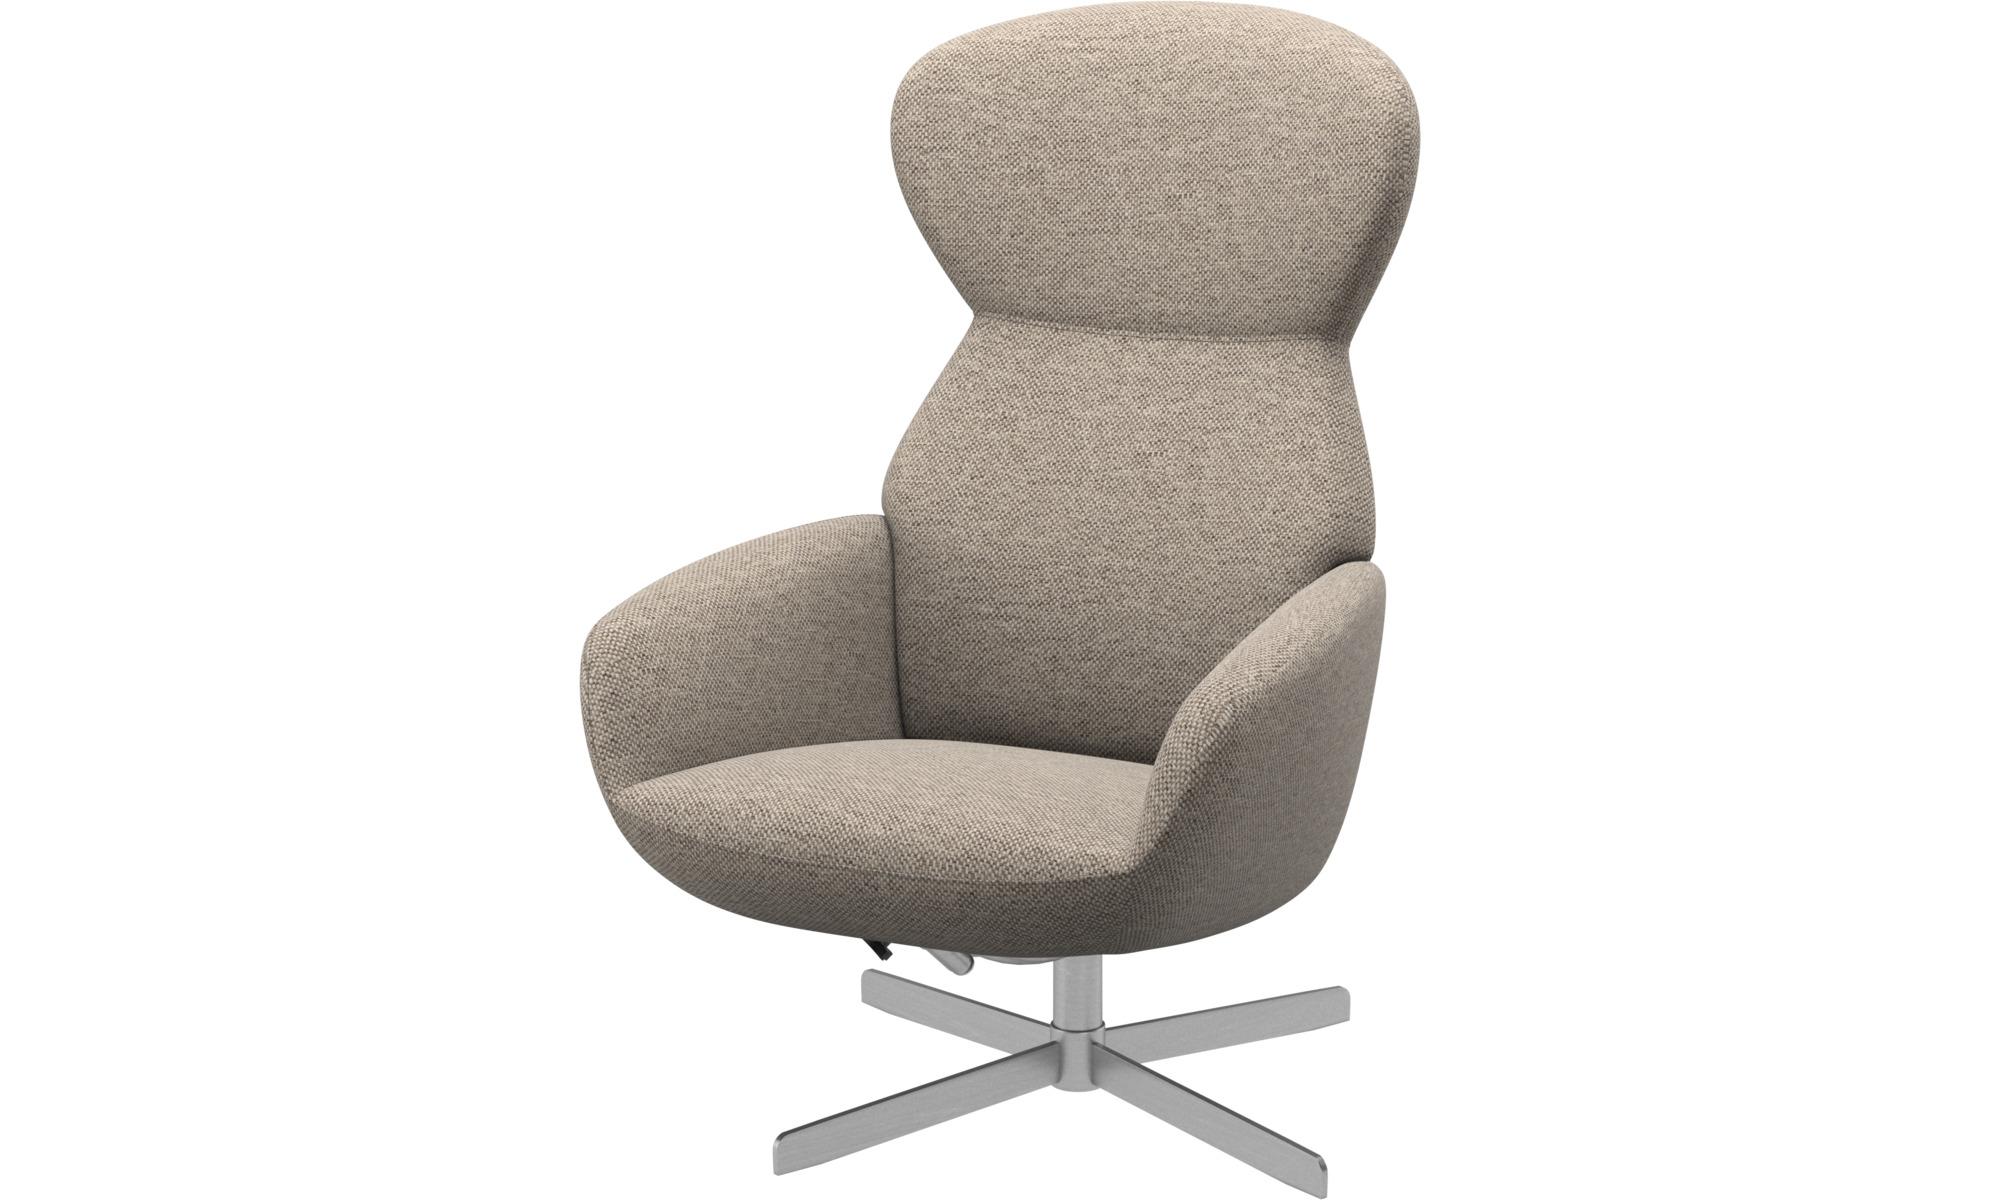 Relax-Sessel - Athena Sessel mit Kippfunktion und Drehsockel - Beige - Stoff